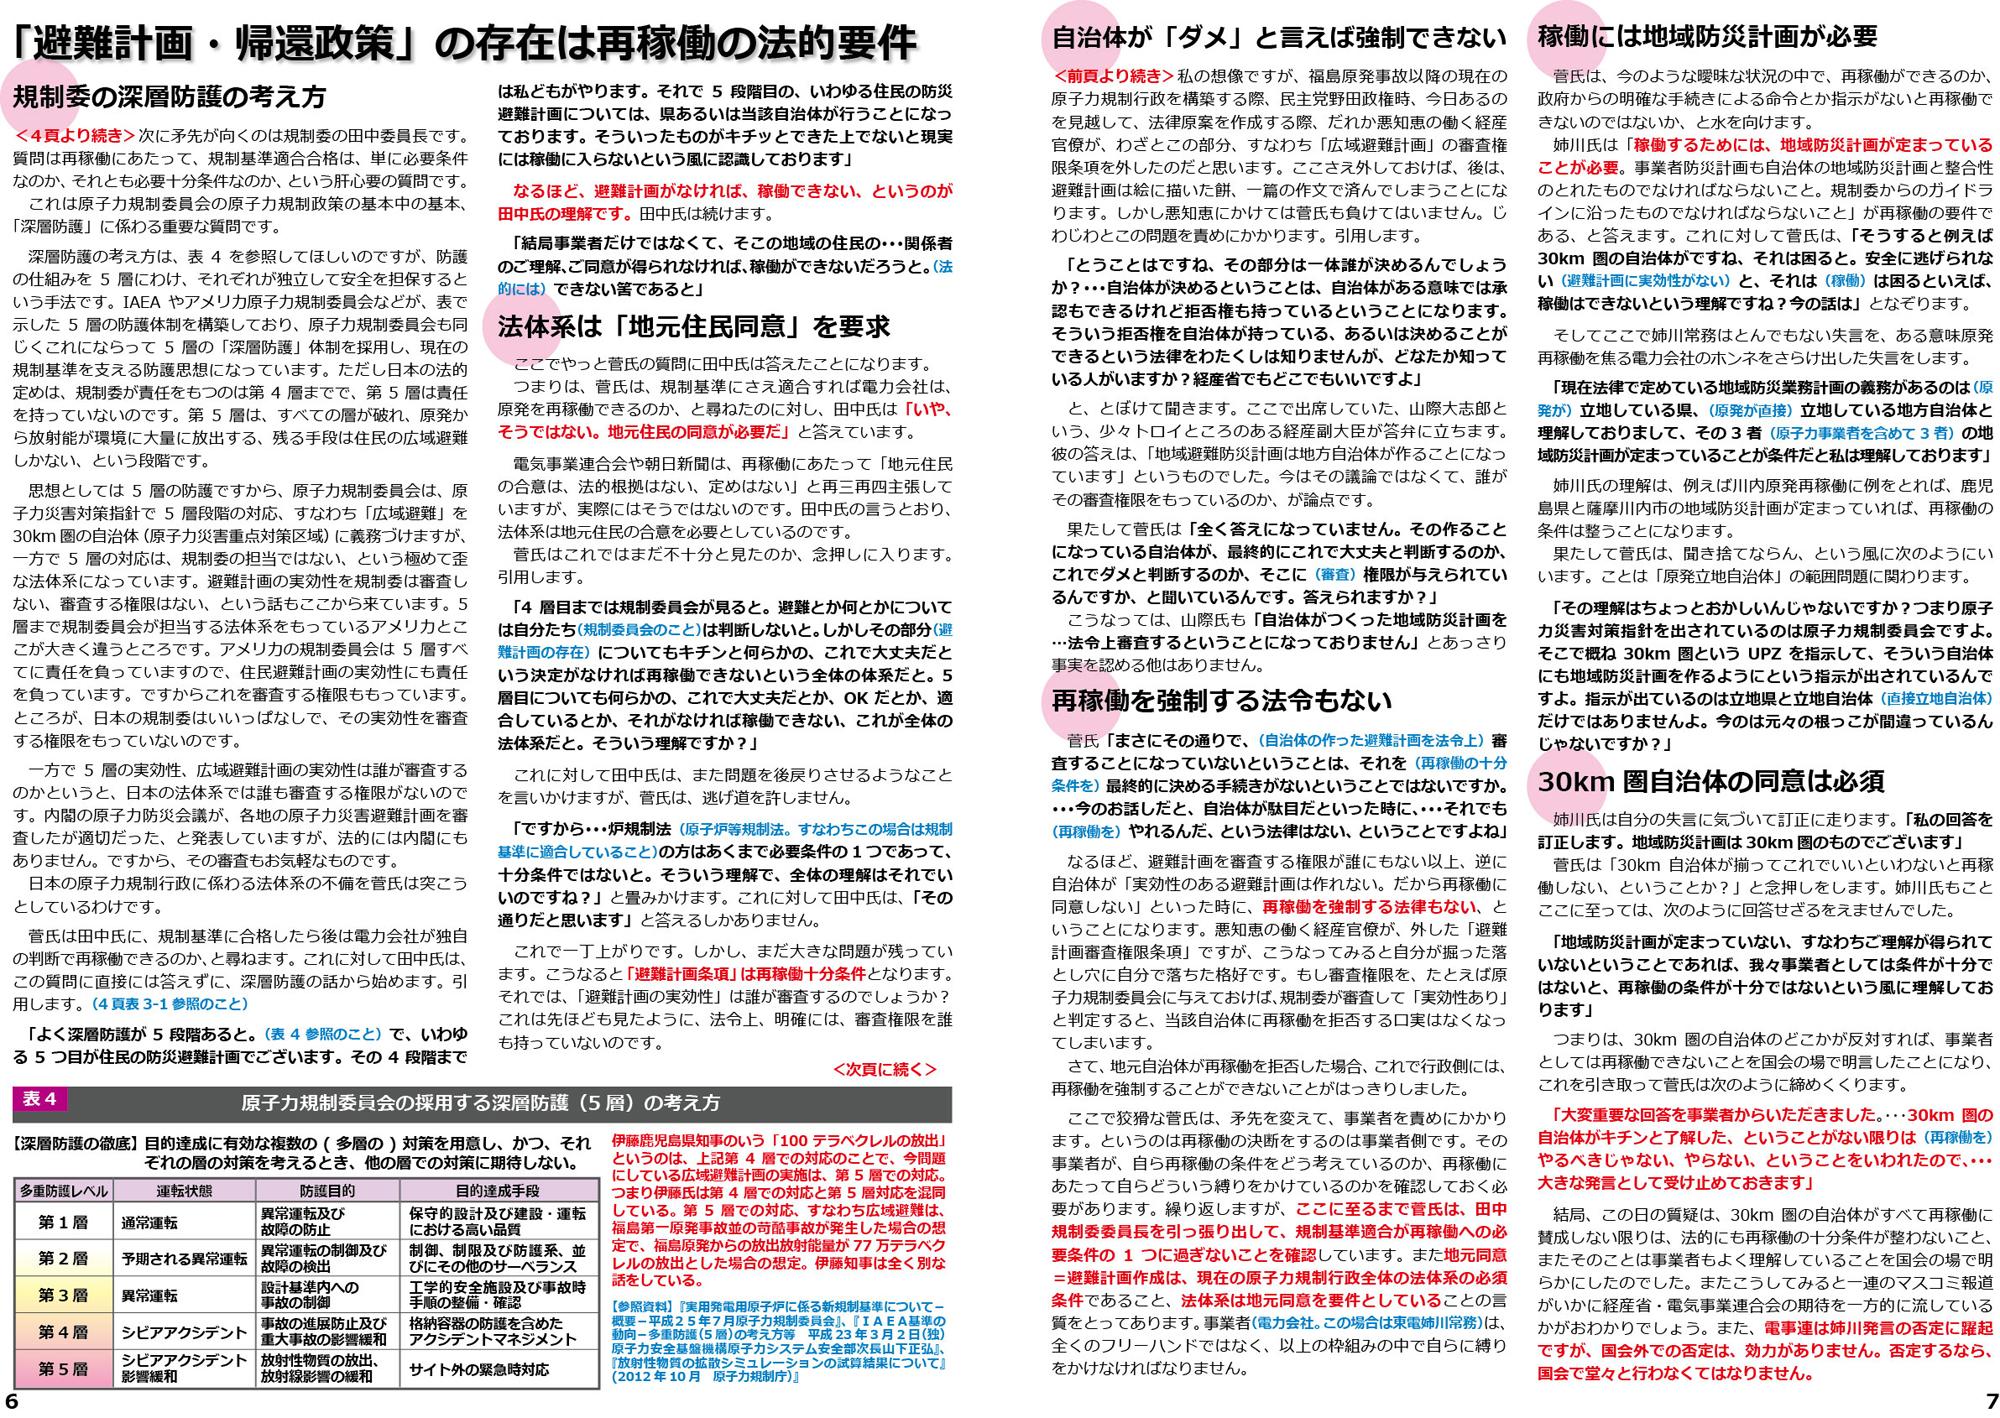 ファイル 361-4.jpg